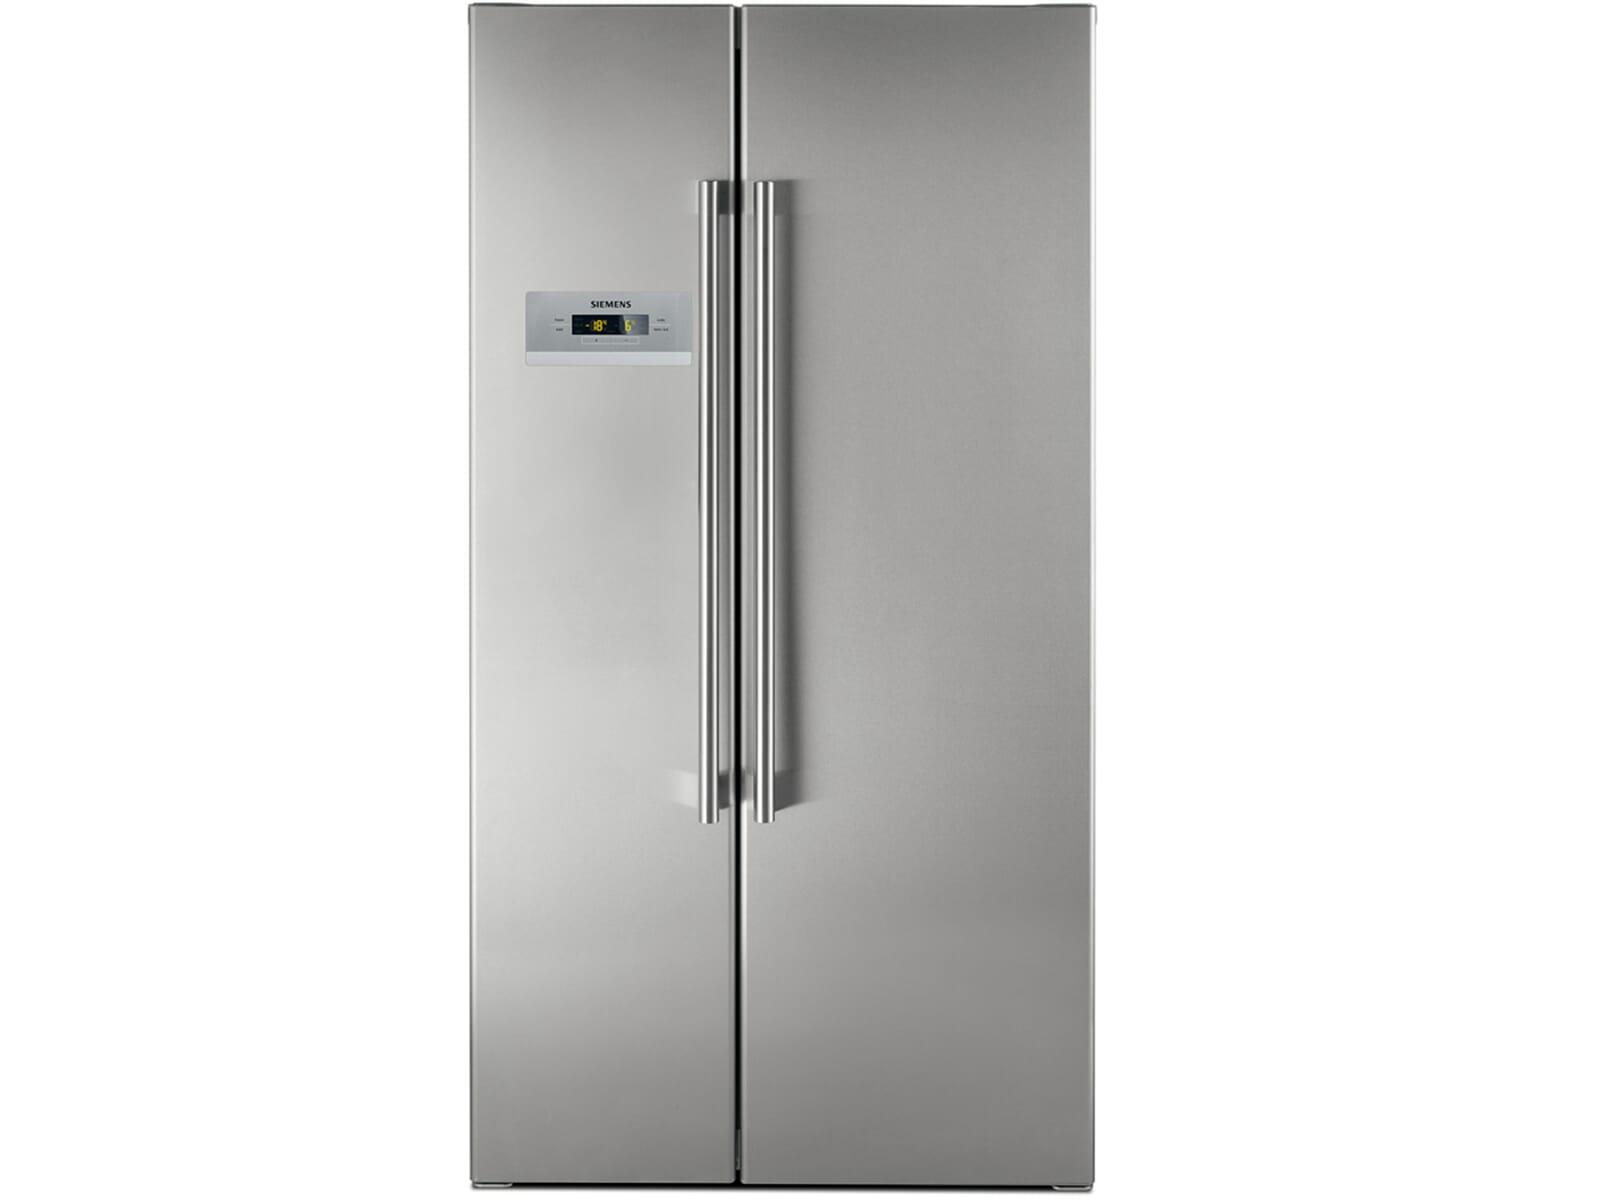 Aufbau Eines Kühlschrank : Kühlschrank aufbau miele geschirrspüler explosionszeichnung